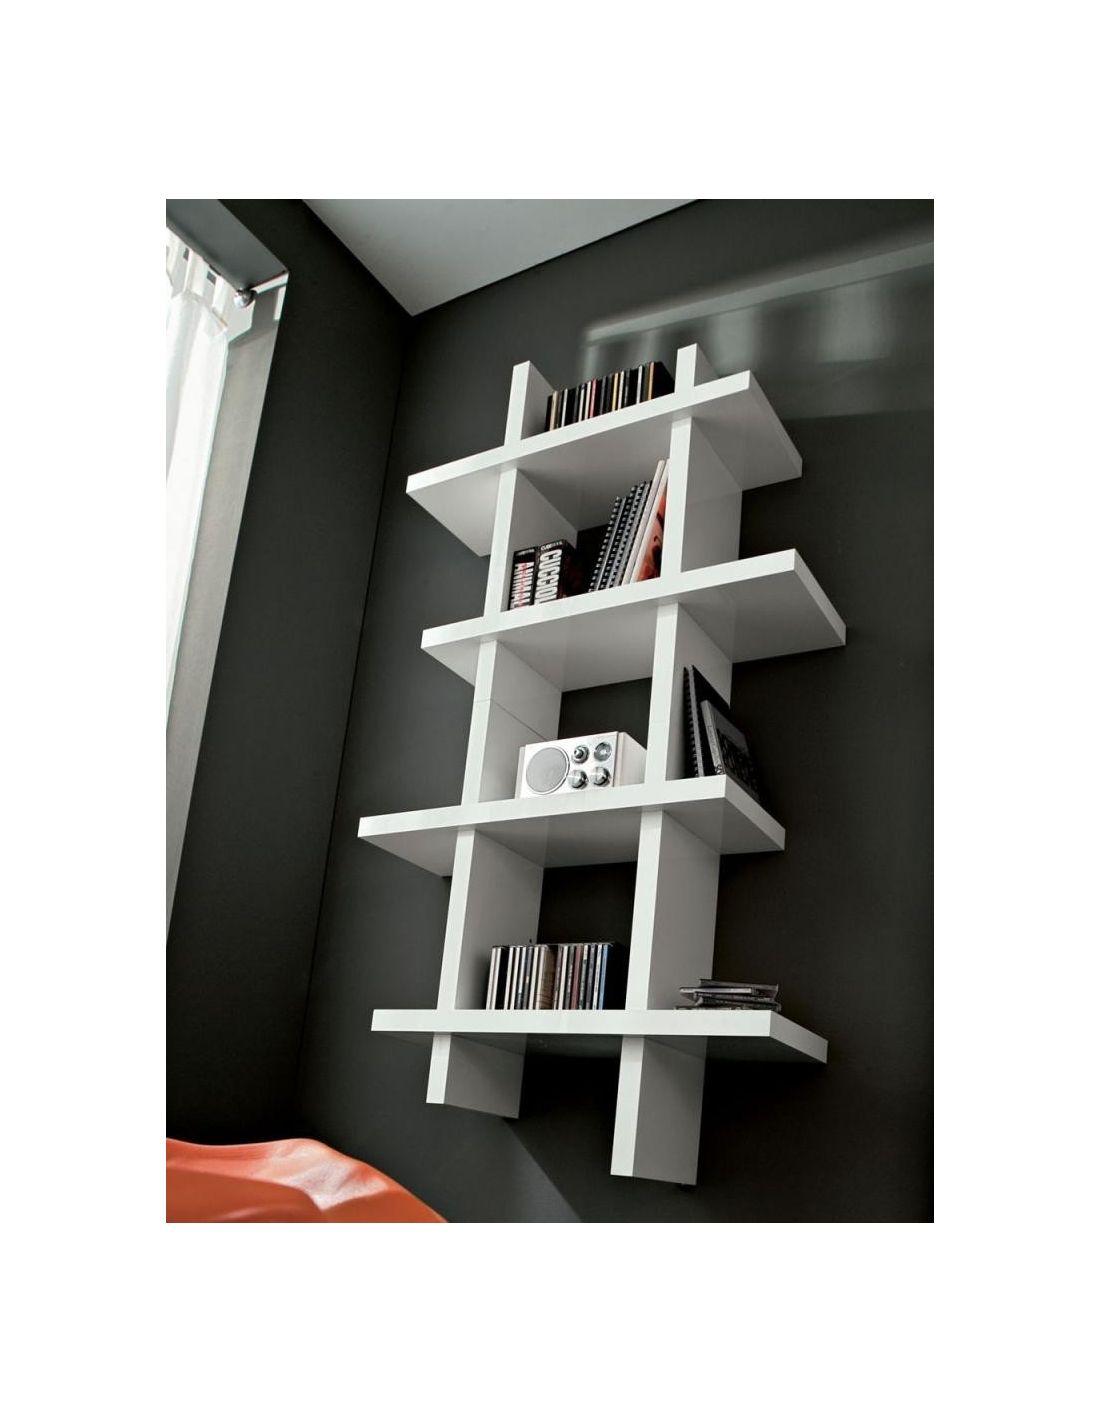 Libreria porta dvd da parete in legno laccato lucido samuel - Porta dvd in legno ...